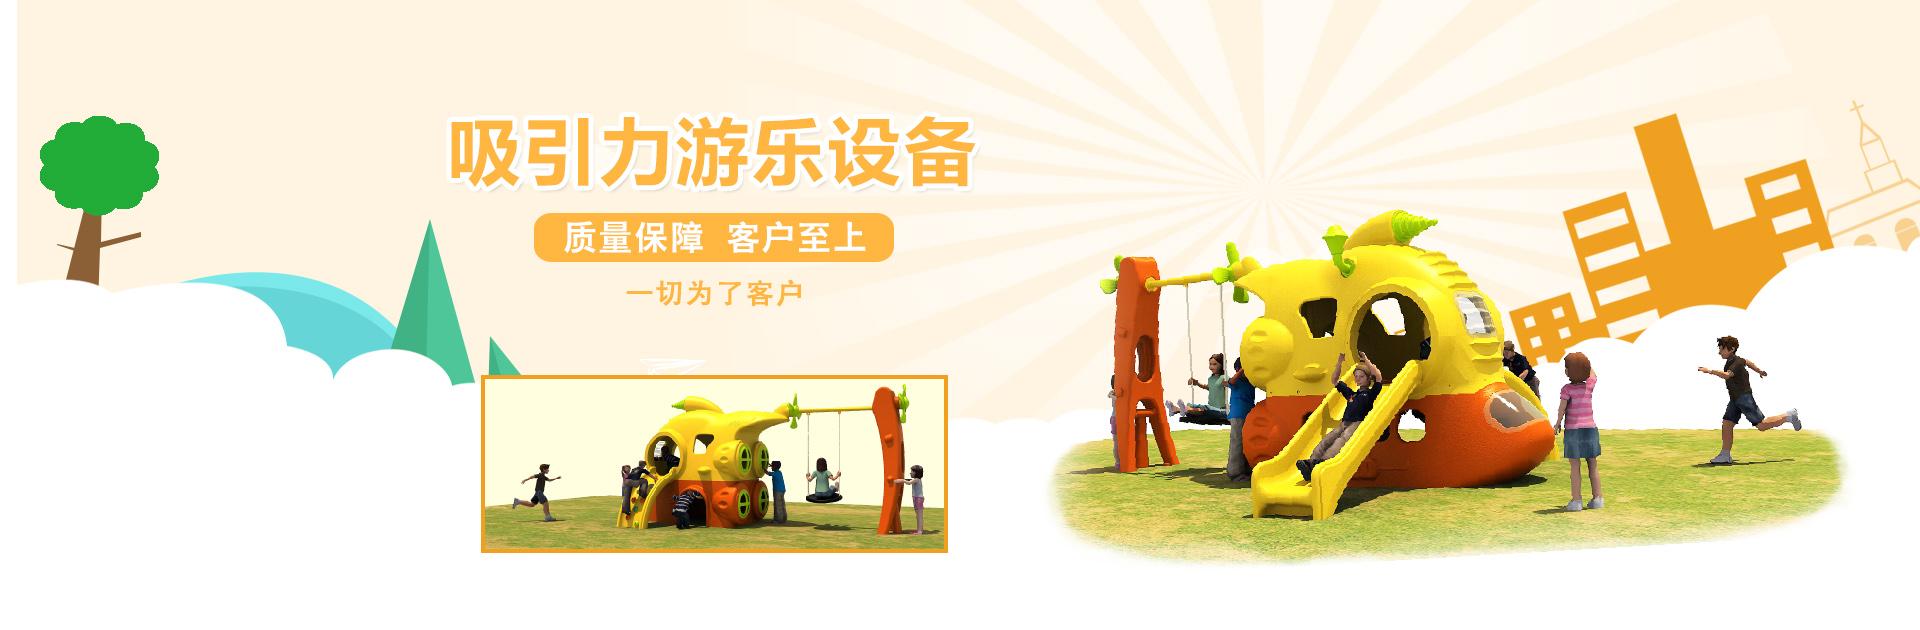 温州市吸引力游乐设备有限公司